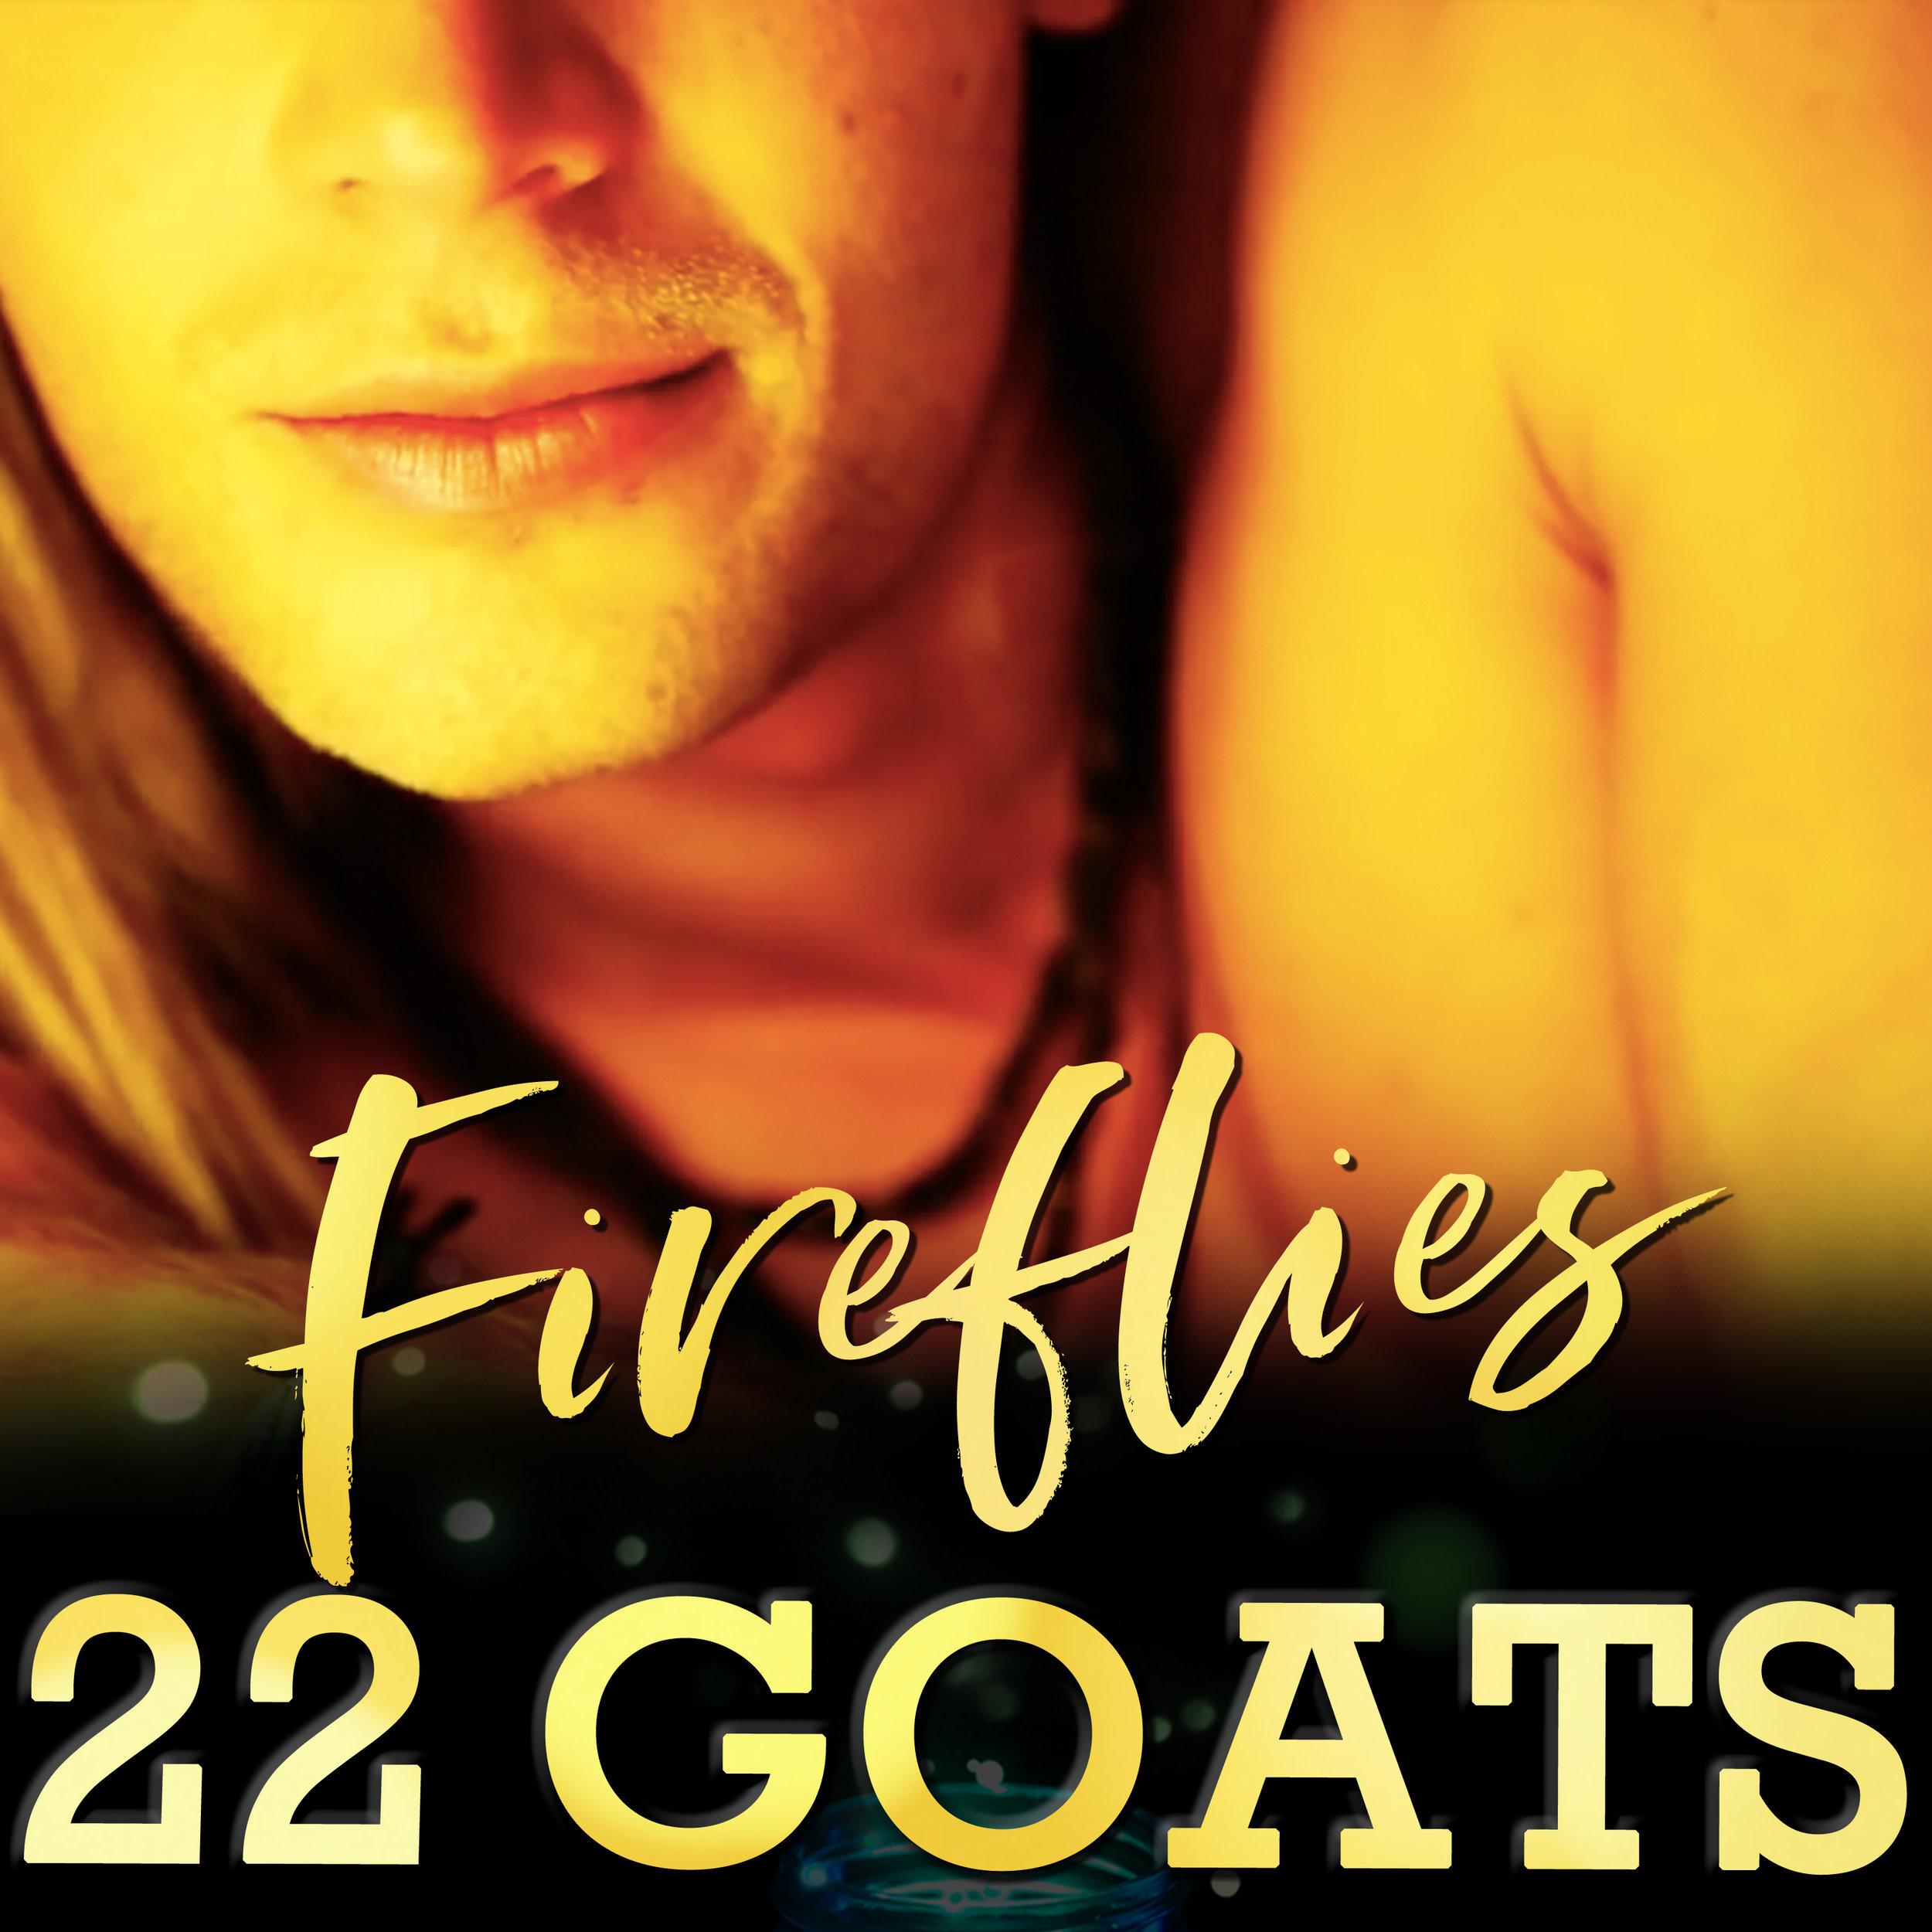 22 GOATS fireflies4.jpg